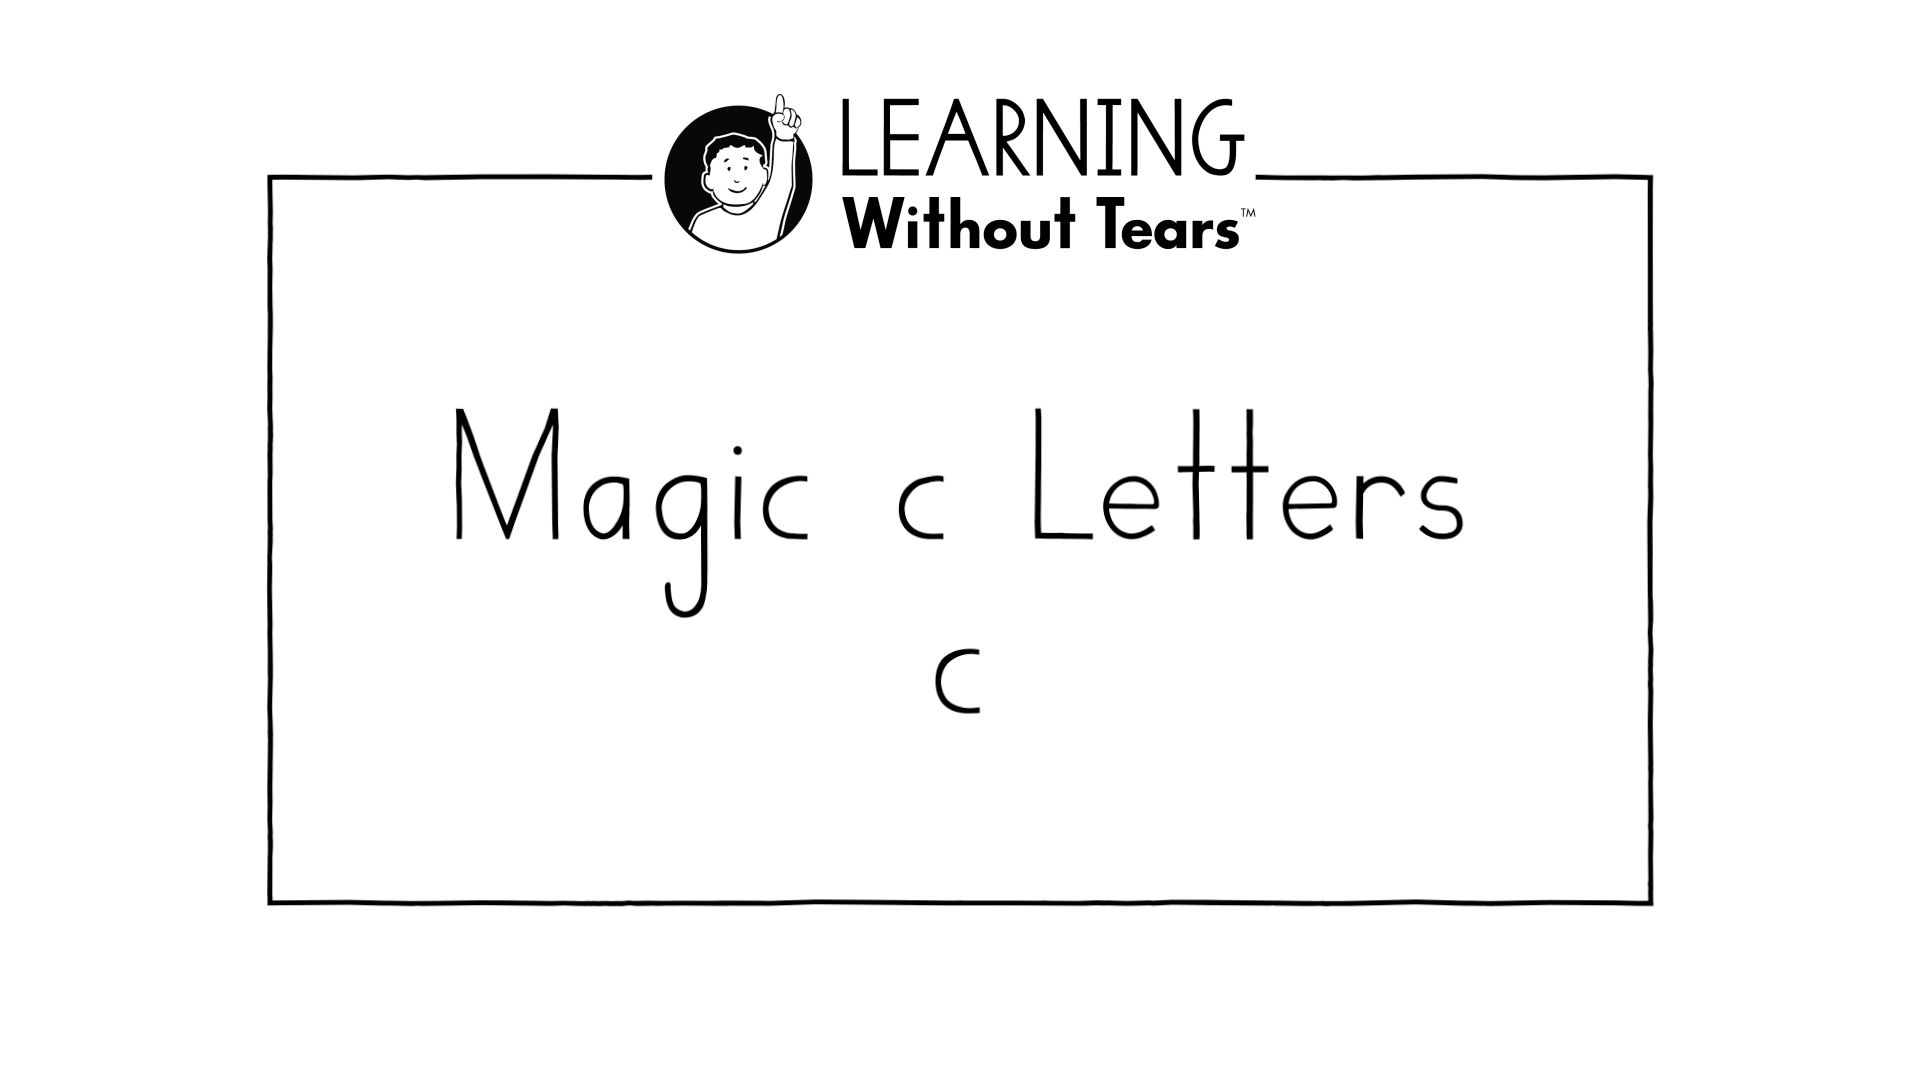 Hitt The Handwriting Interactive Teaching Tool